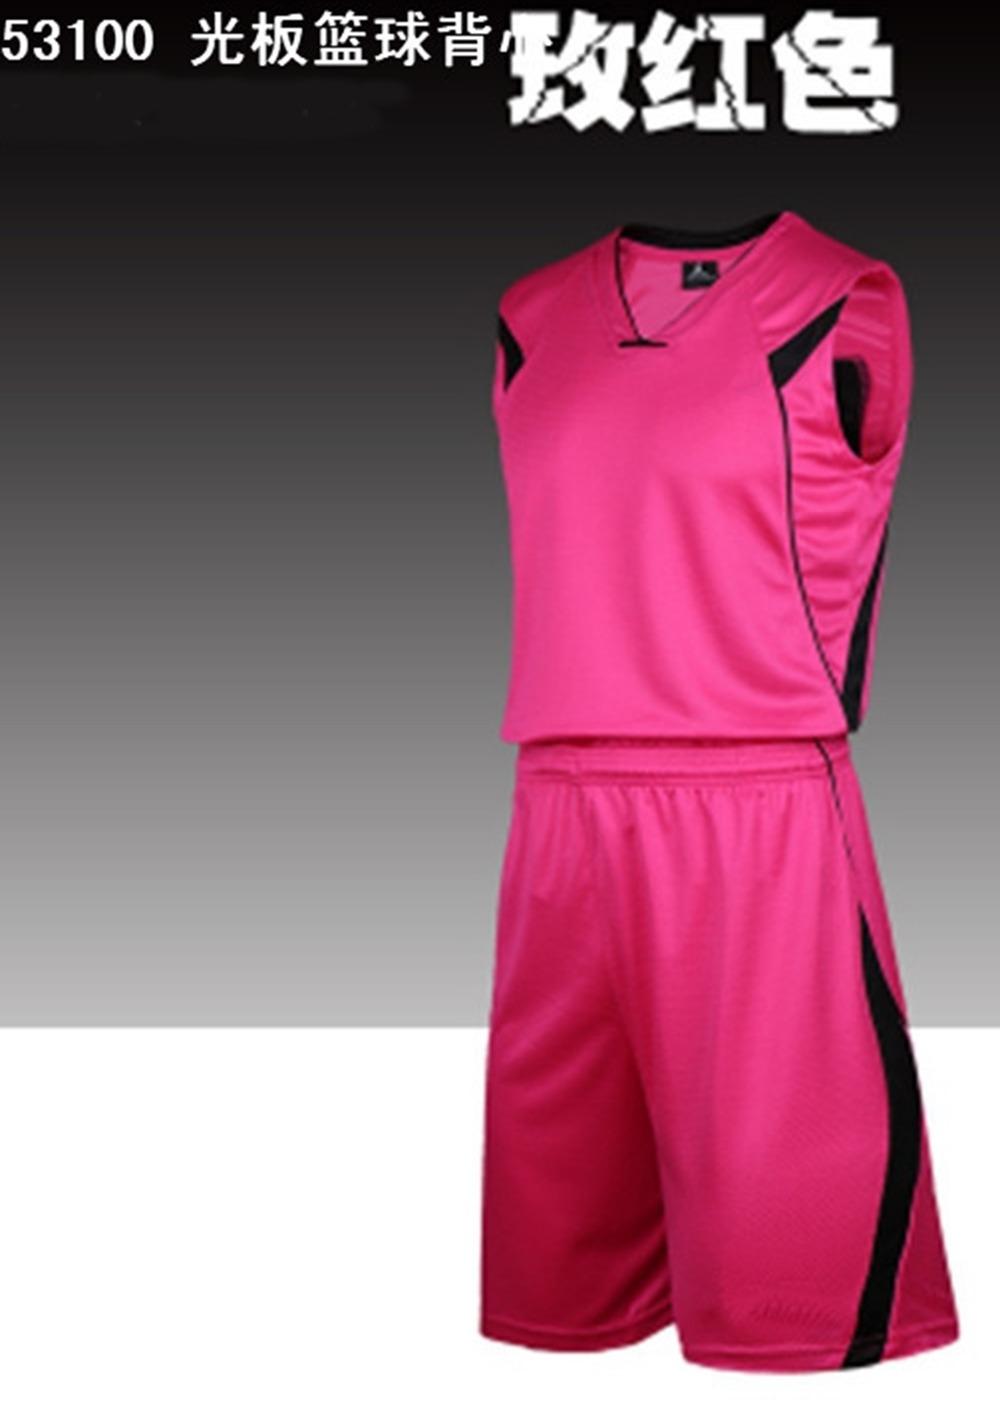 new Blank Man basketball Jersey kits Sports basketball kits your basketball jersey kits shirts Camiseta de baloncesto unifrom(China (Mainland))